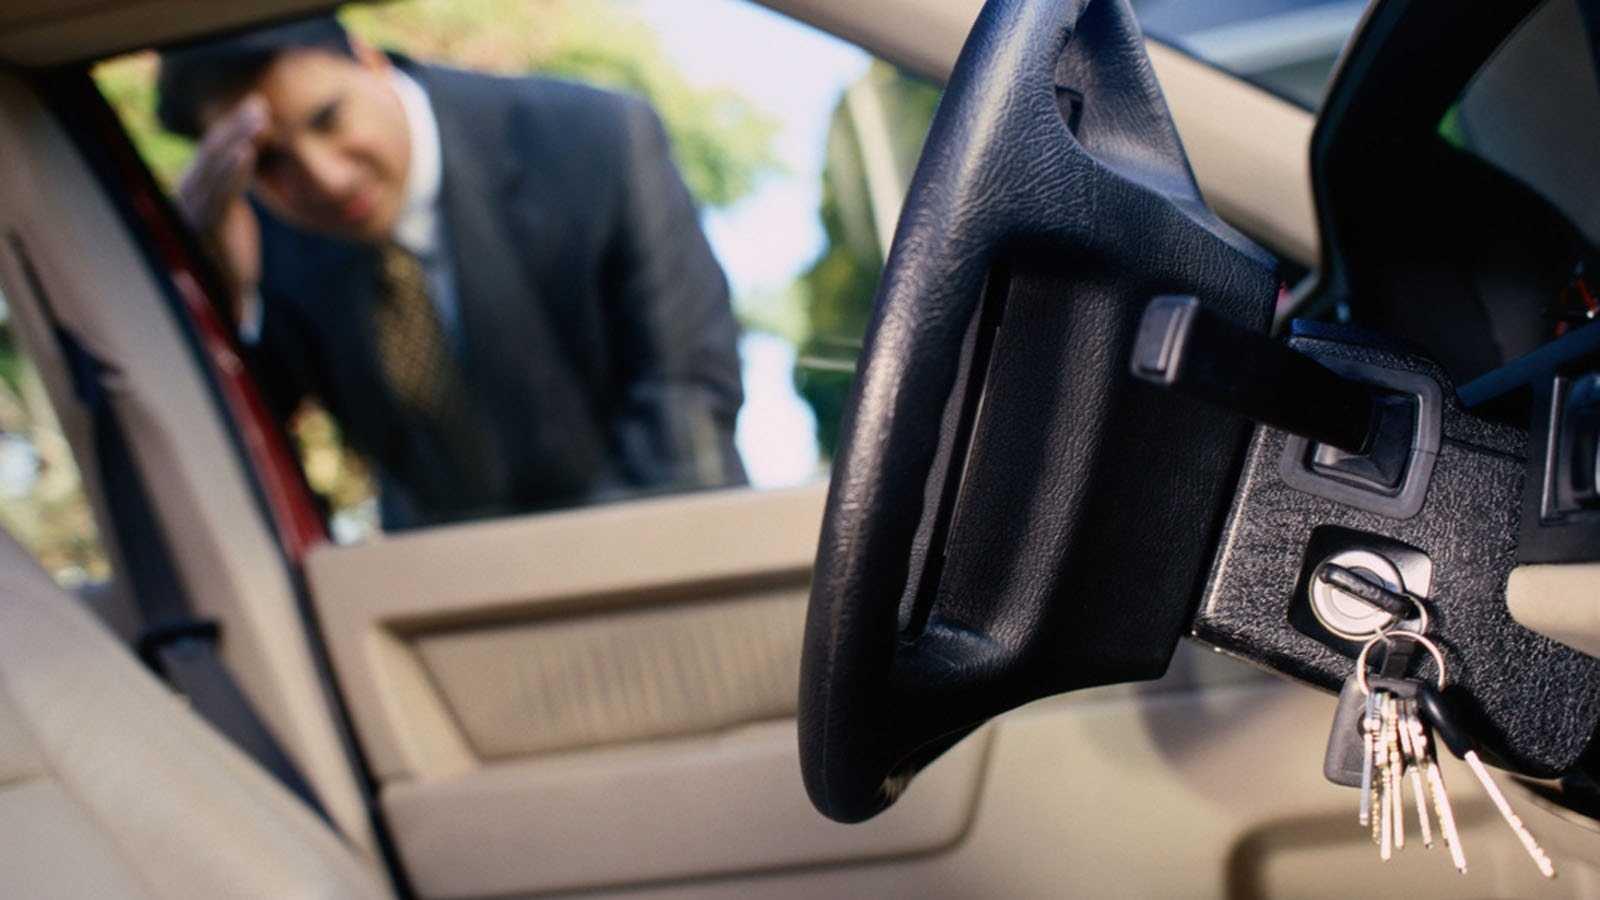 Забыл ключ в машине как открыть дверь